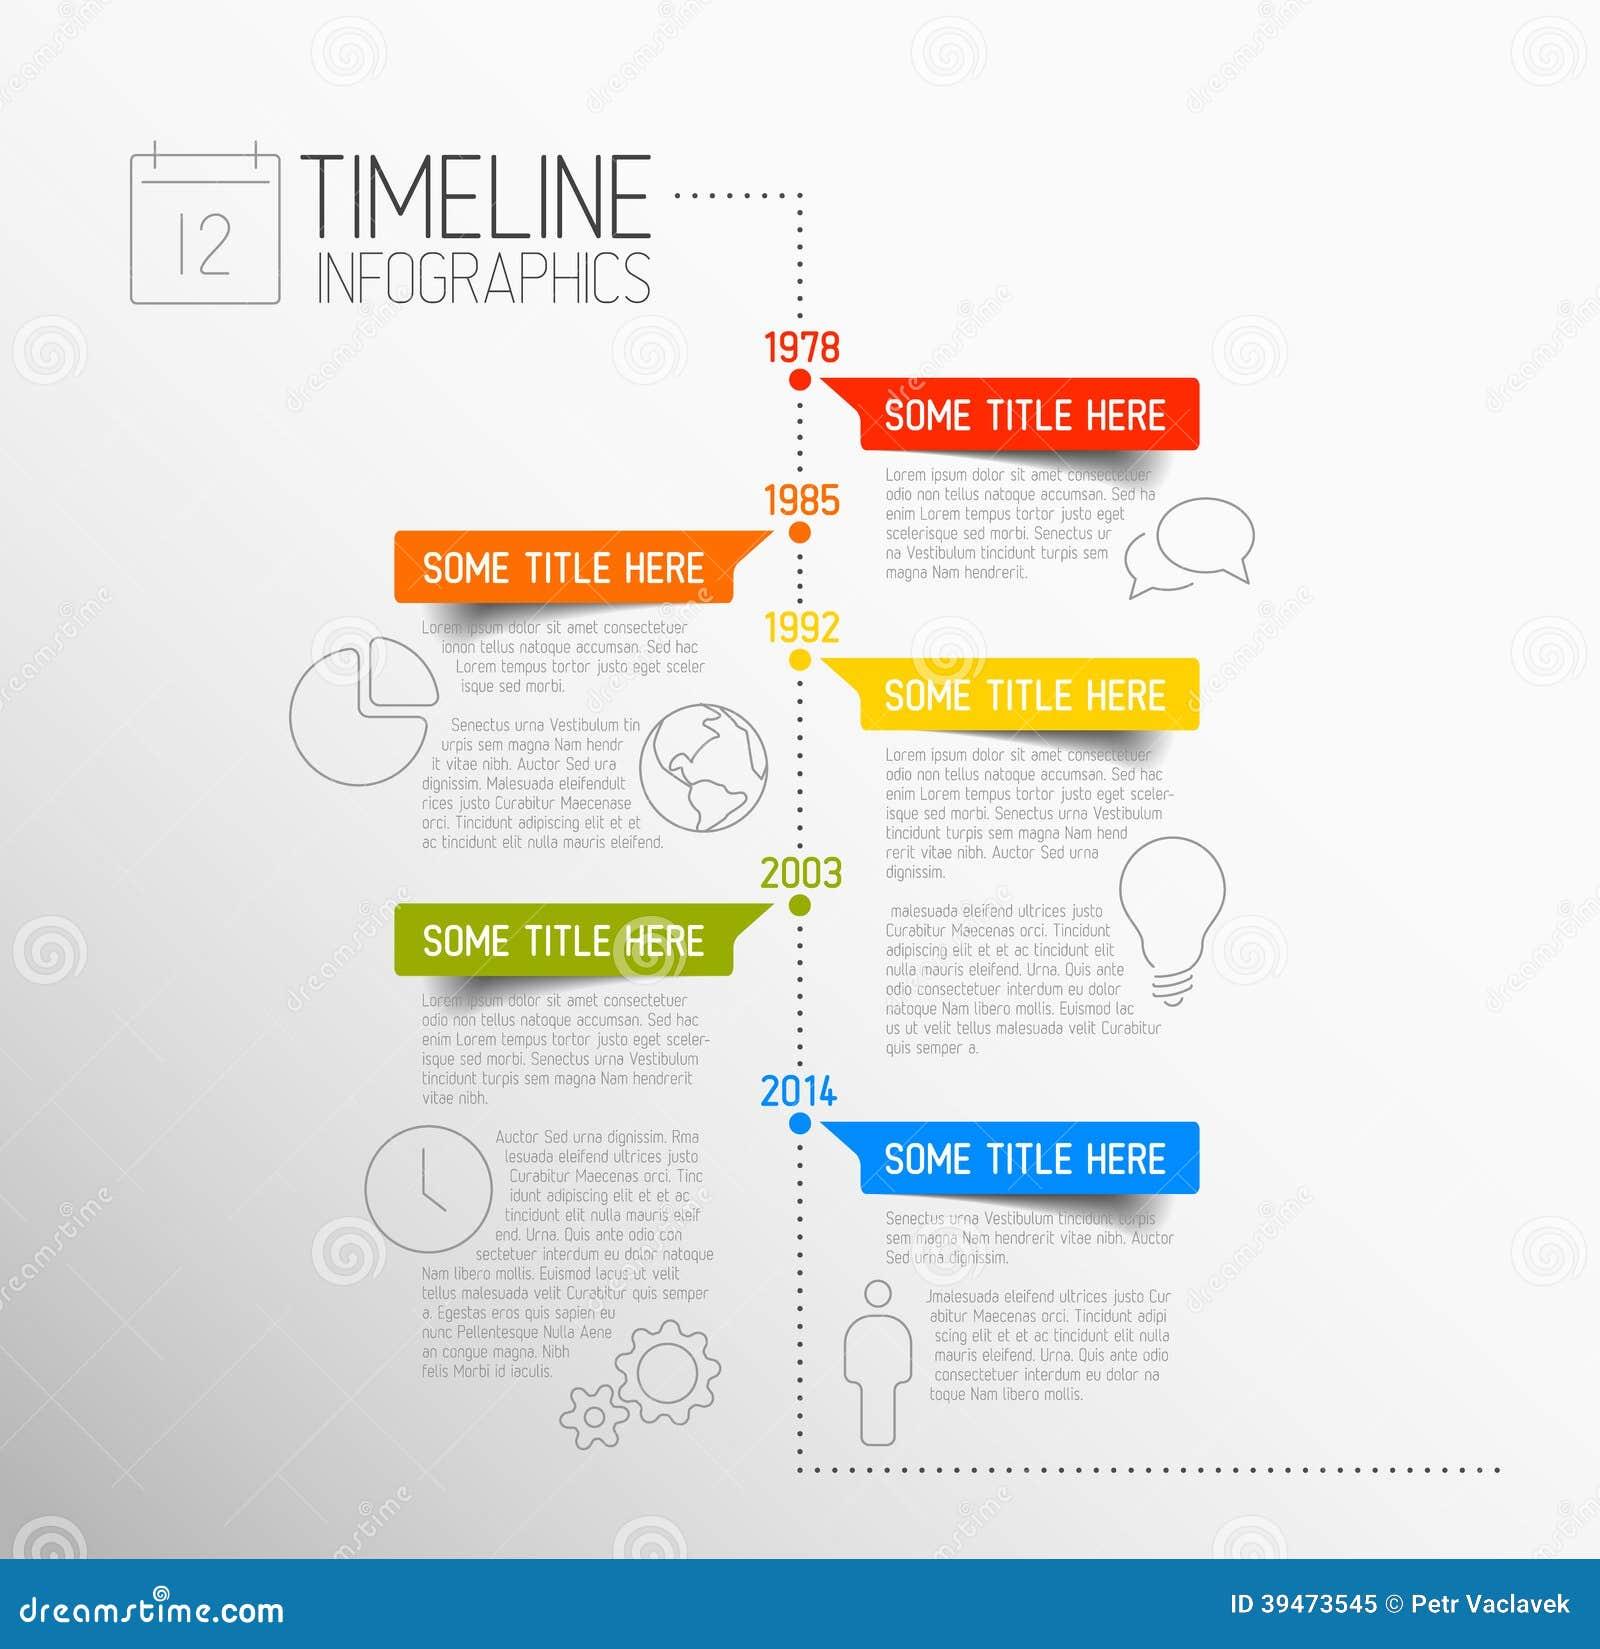 Πρότυπο εκθέσεων υπόδειξης ως προς το χρόνο Infographic